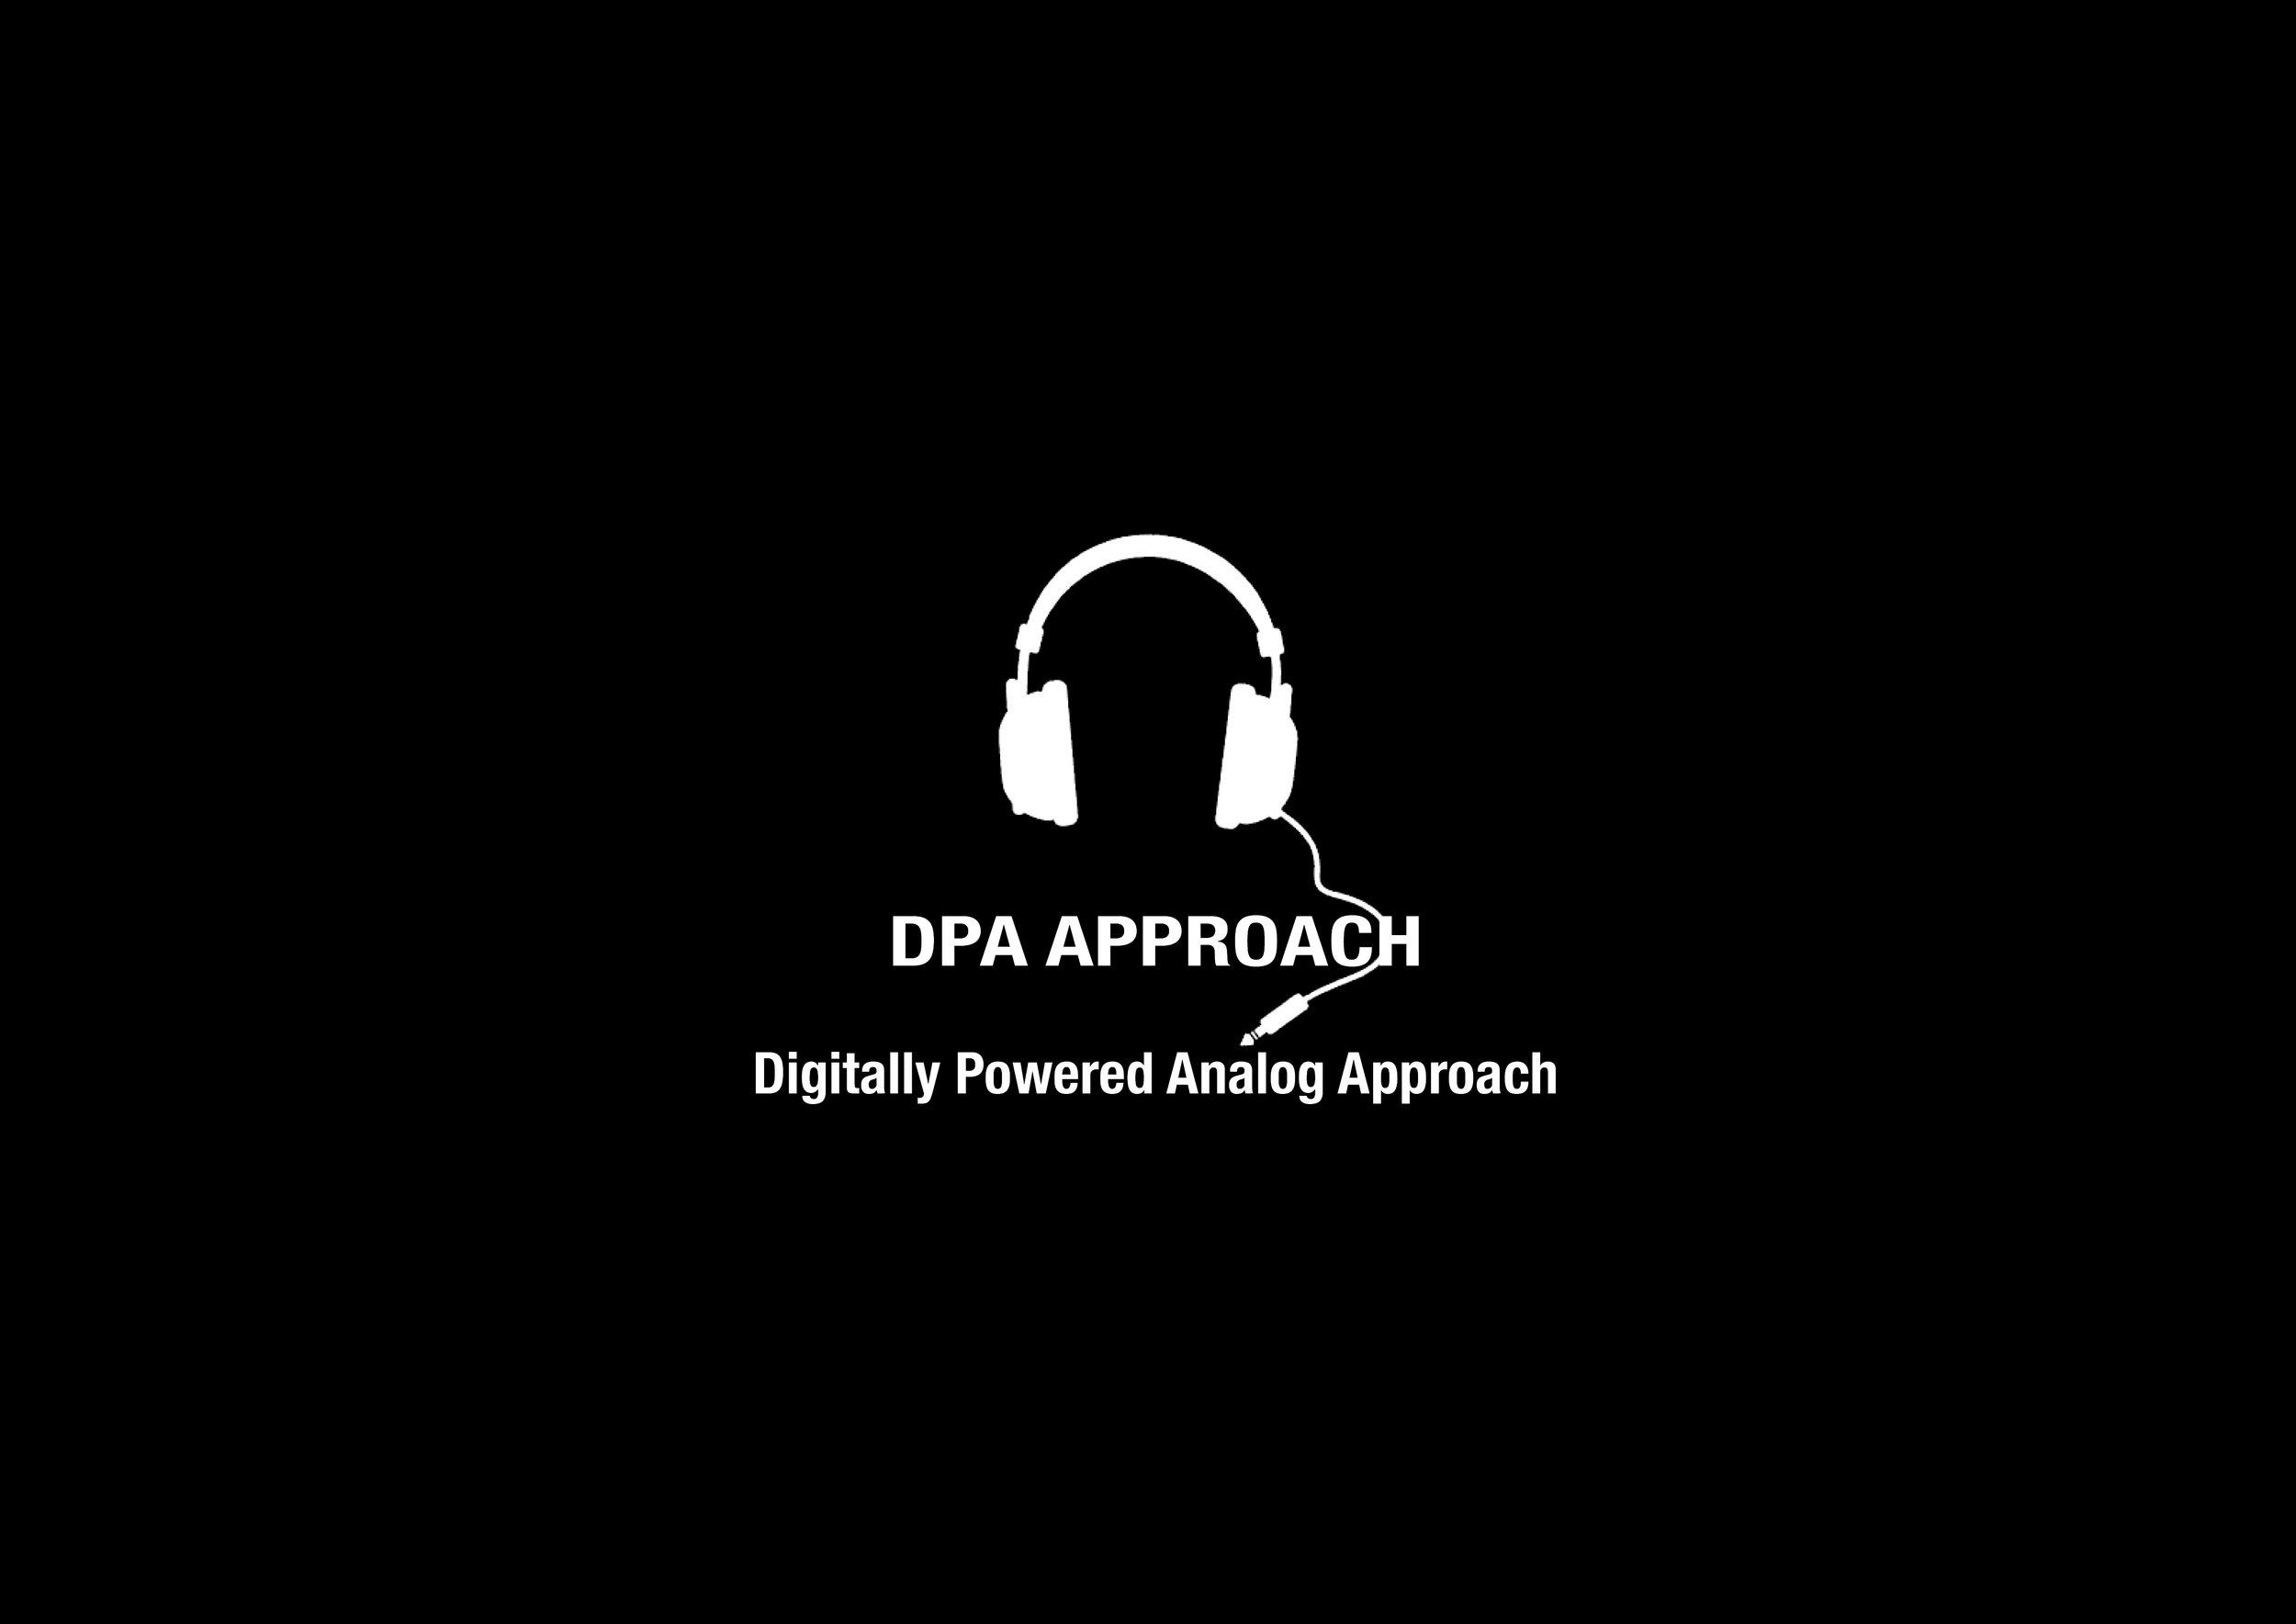 YSL - DPA8.jpg